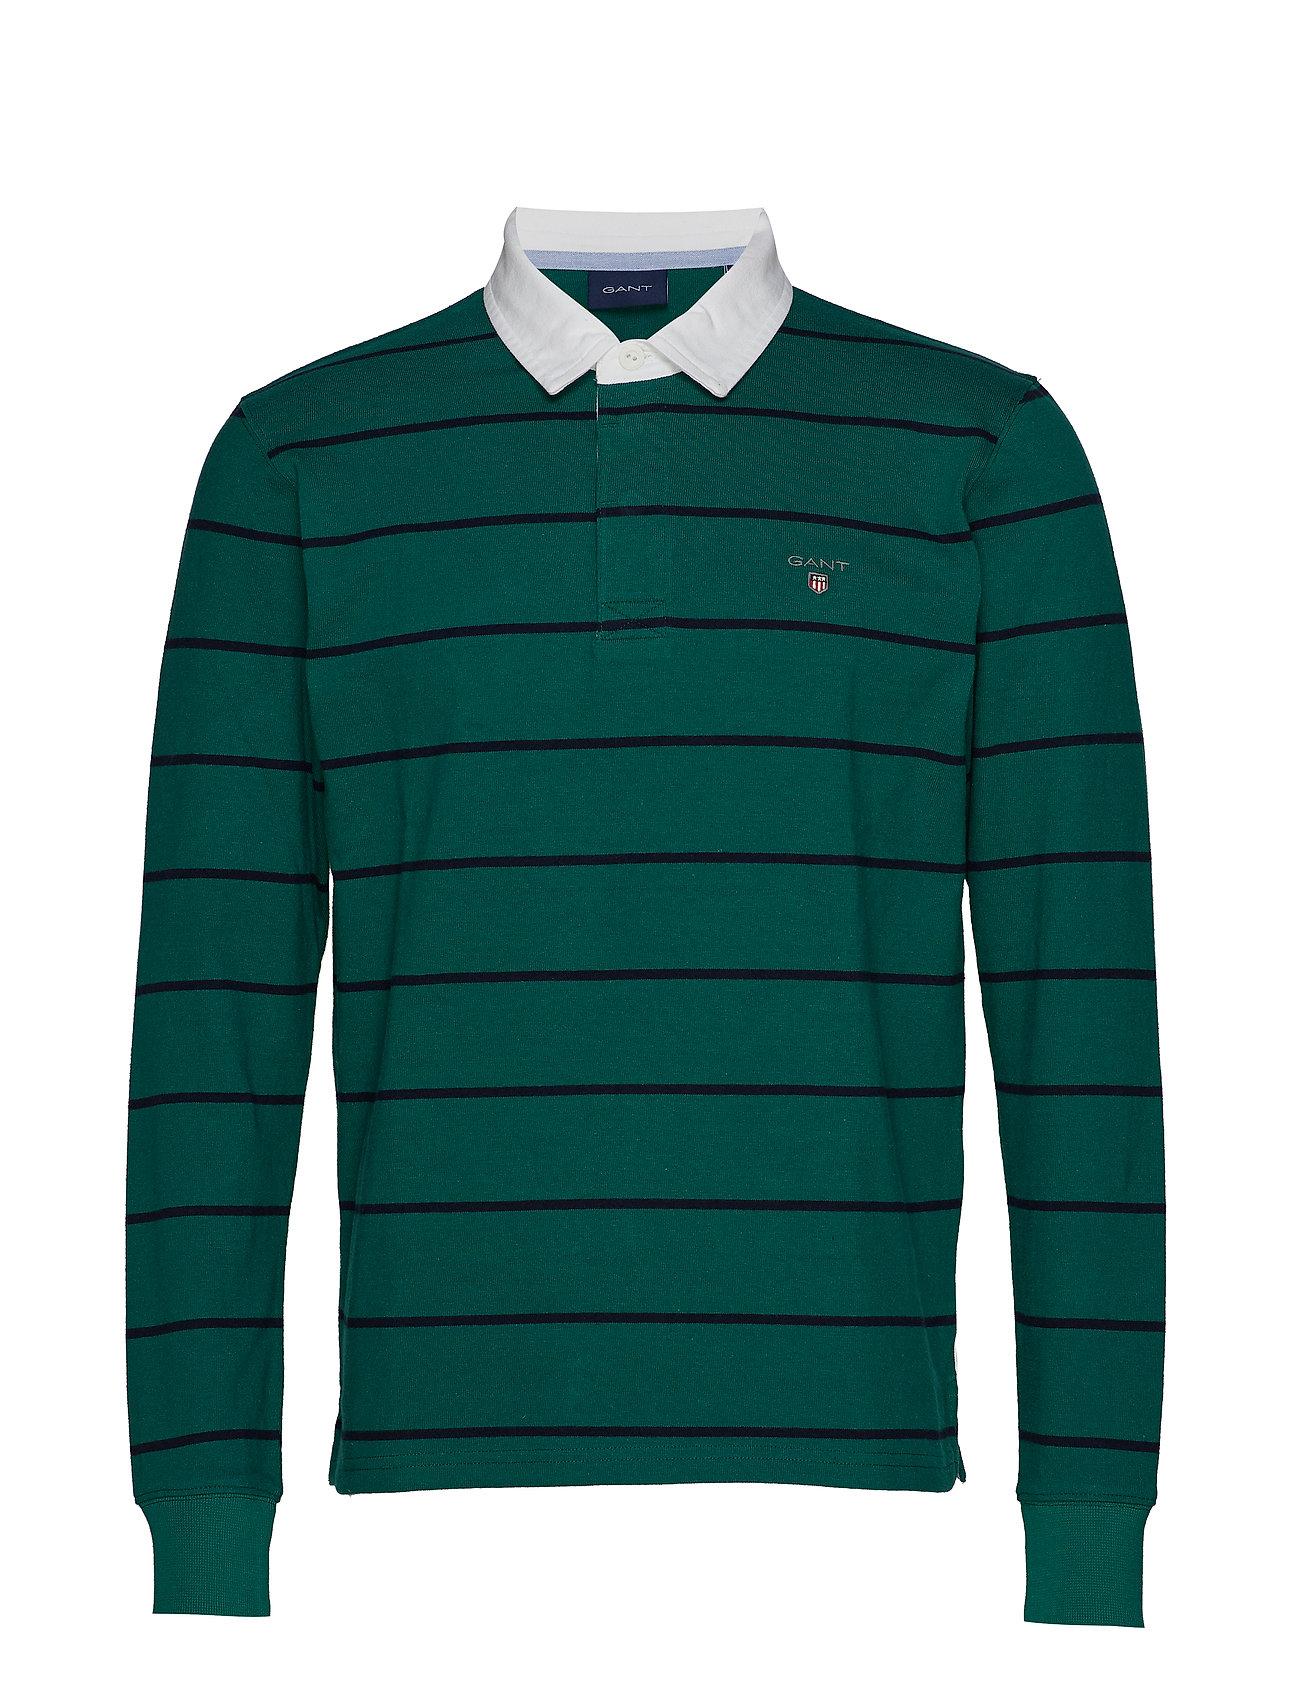 Smu Breton Stripe Heavy Rugger Poloshirt Langærmet Grøn GANT